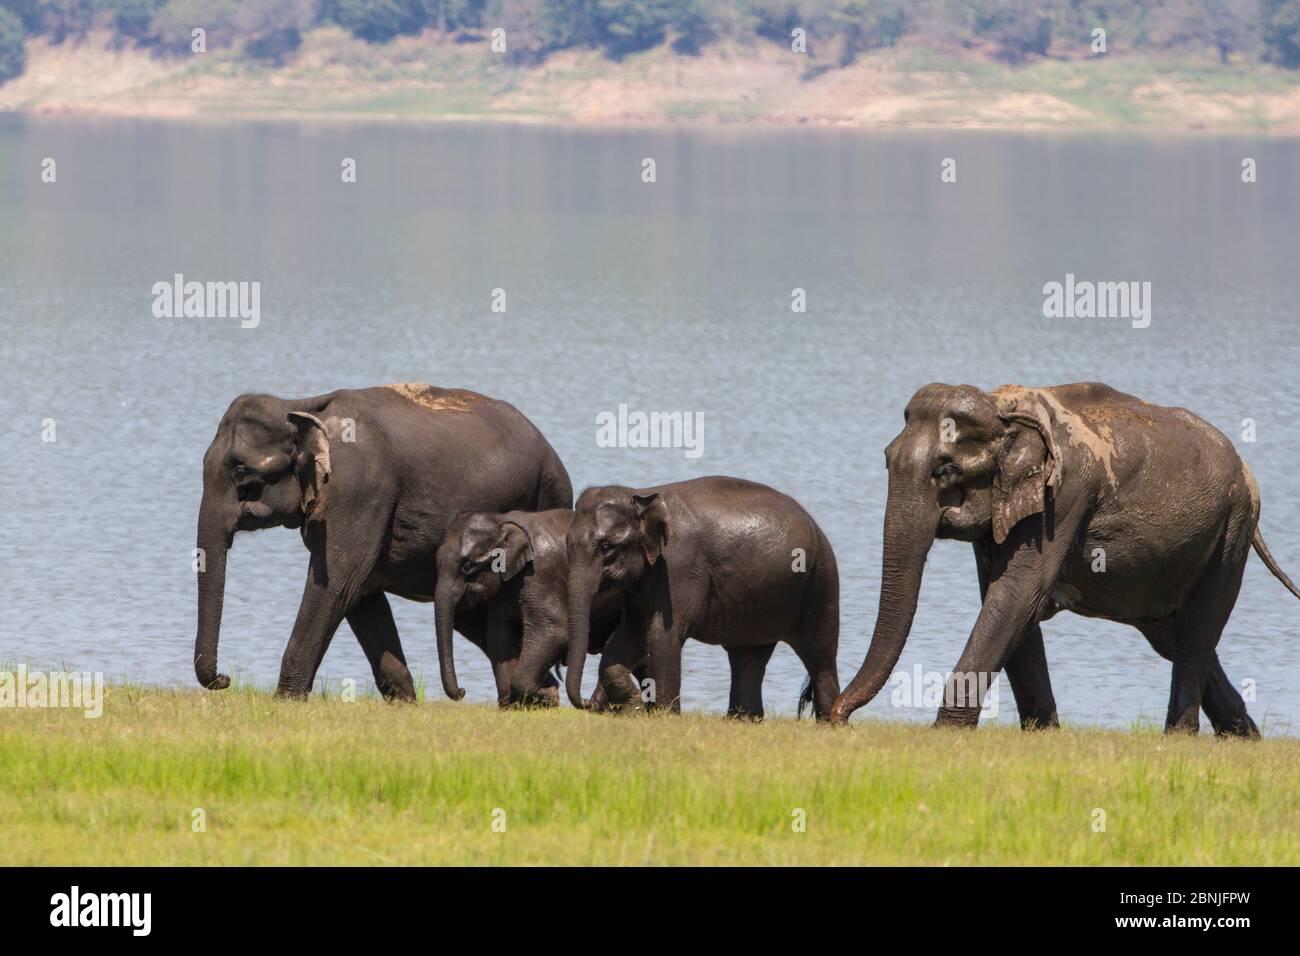 Éléphant asiatique (Elepha maximus), famille sortant du lac après avoir bu et se baigner. Parc national Jim Corbett, Inde. Banque D'Images